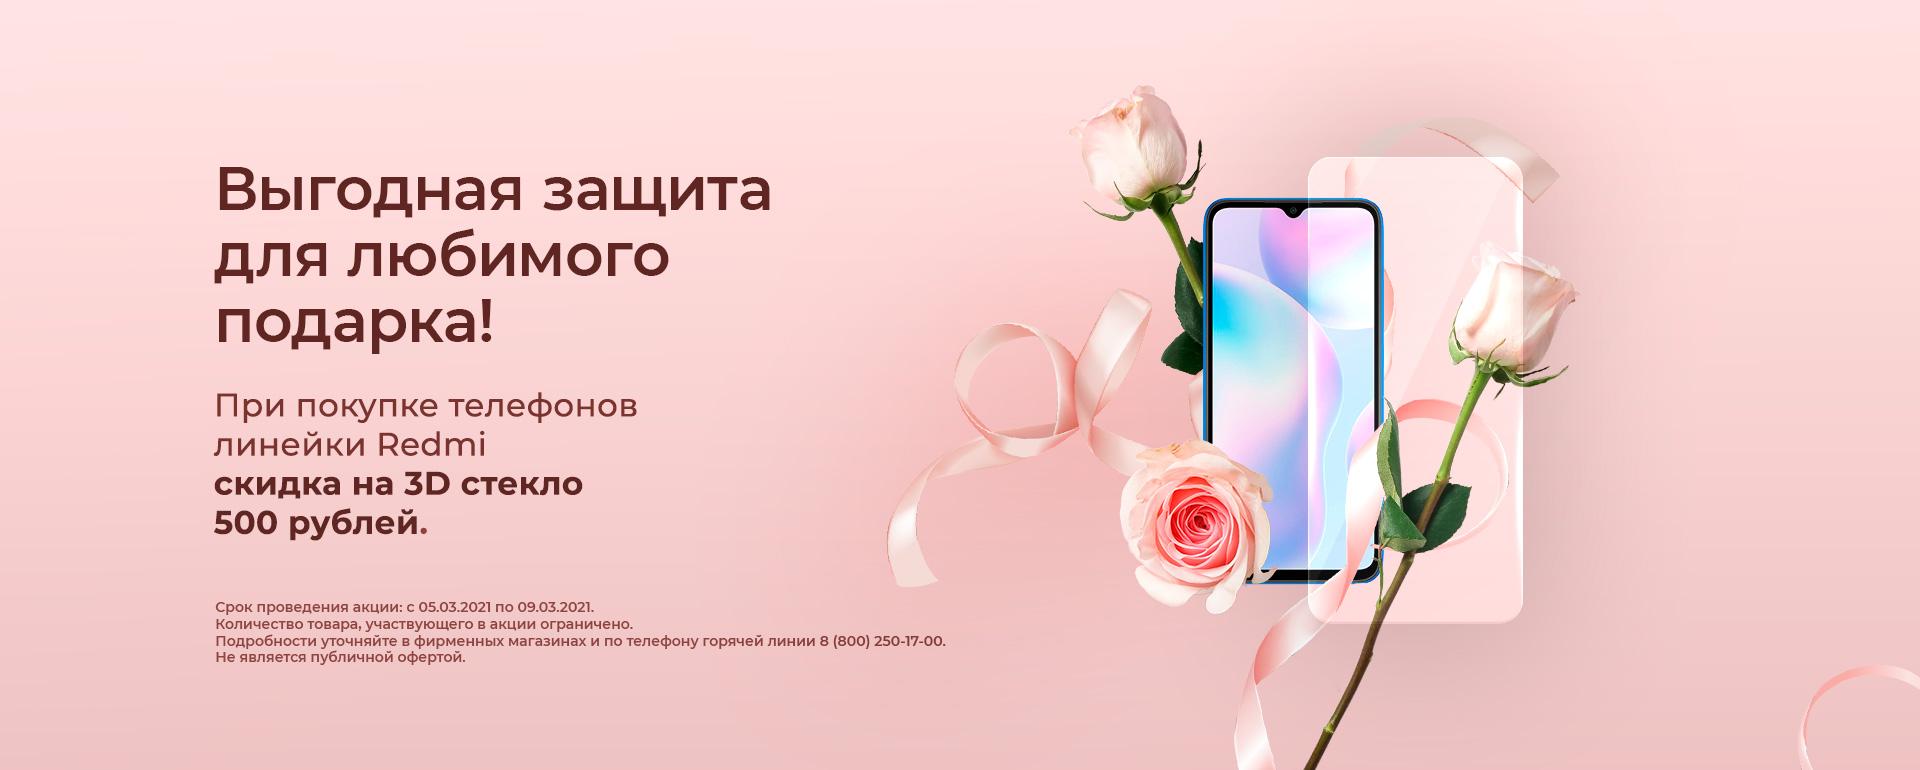 Скидка на стекло при покупке смартфона Redmi